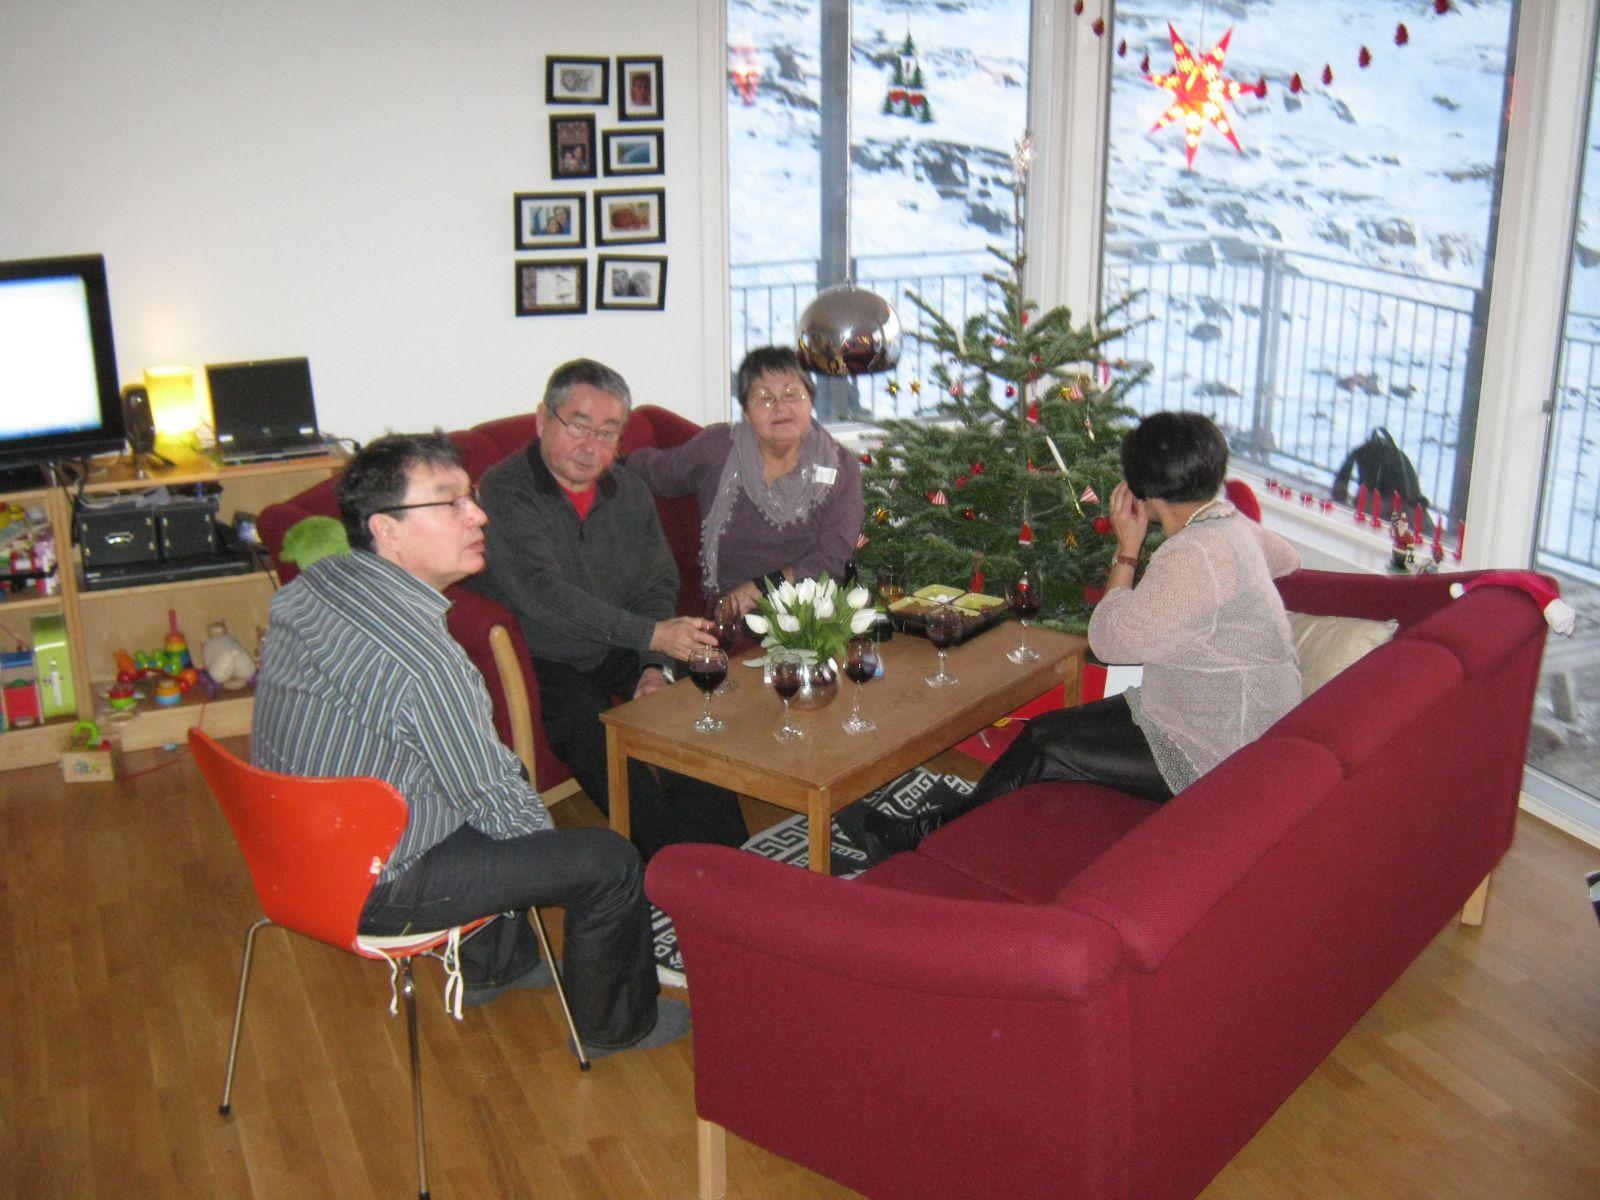 2009-12-26-1437_Jørgen Labansen; Jørgen Peter Labansen; Regine Labansen